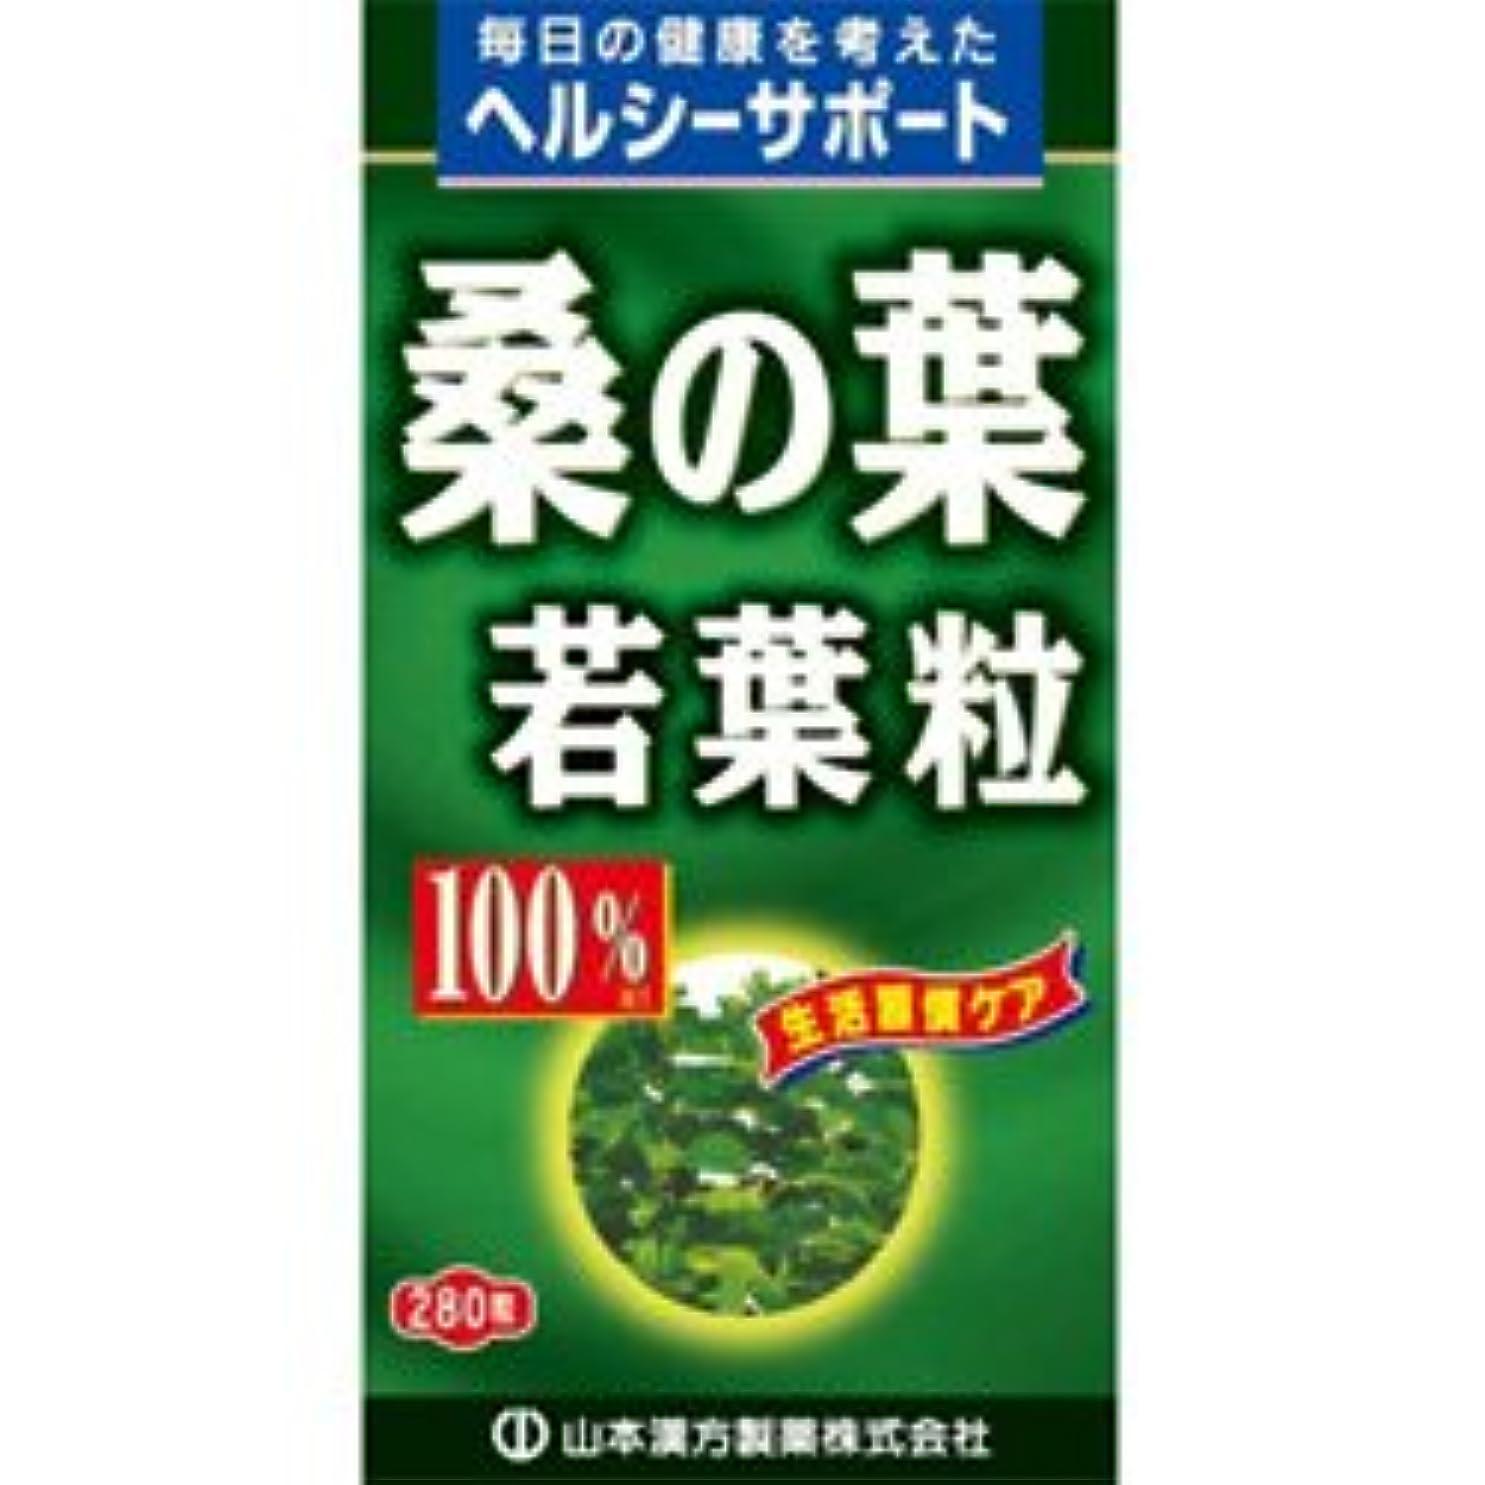 グロー田舎者下線【山本漢方製薬】桑の葉粒 100% 280粒 ×10個セット